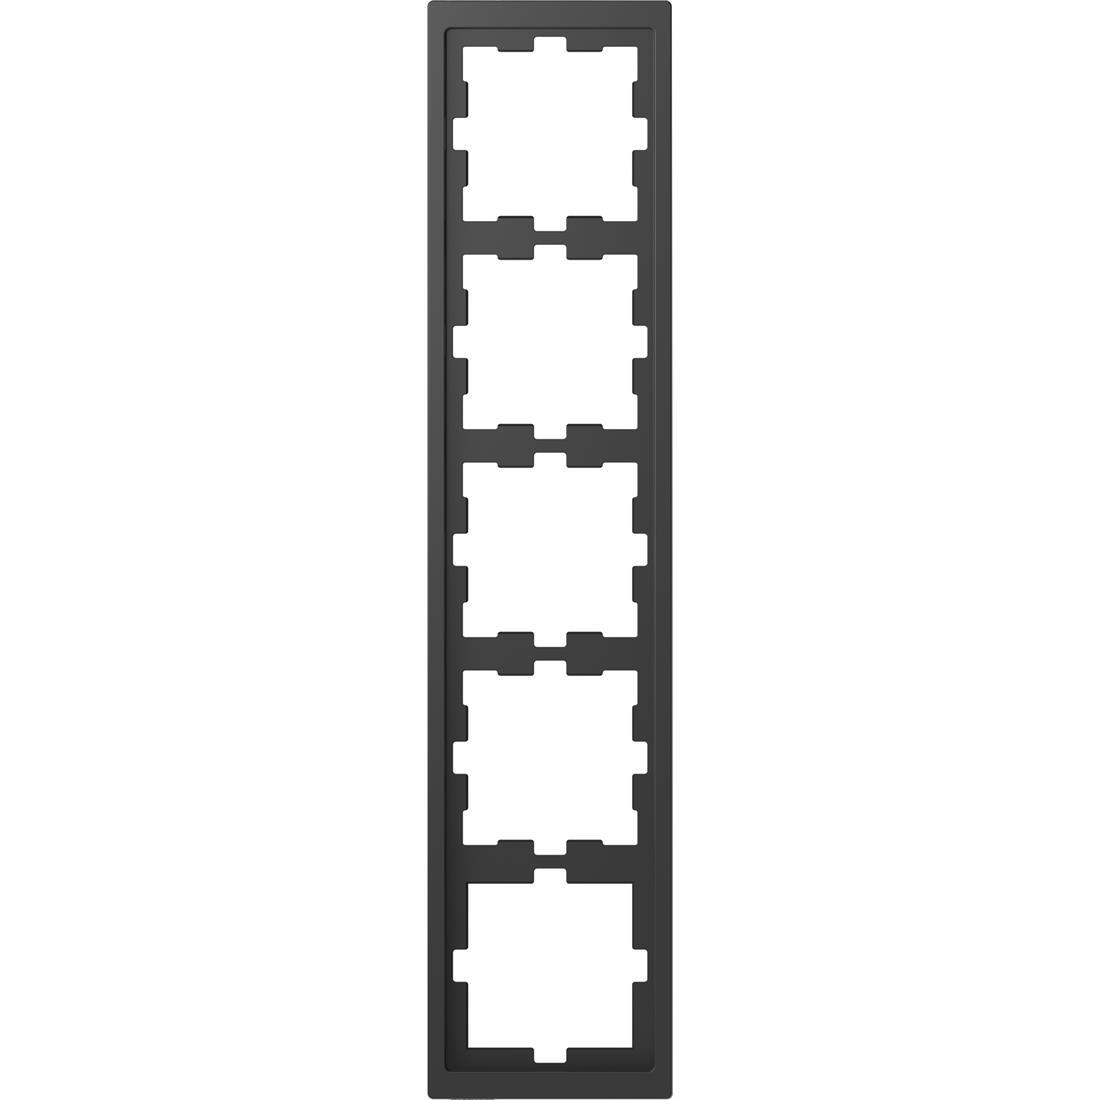 Schneider-Merten D Life afdekraam 5-voudig - antraciet (MTN4050-6534)